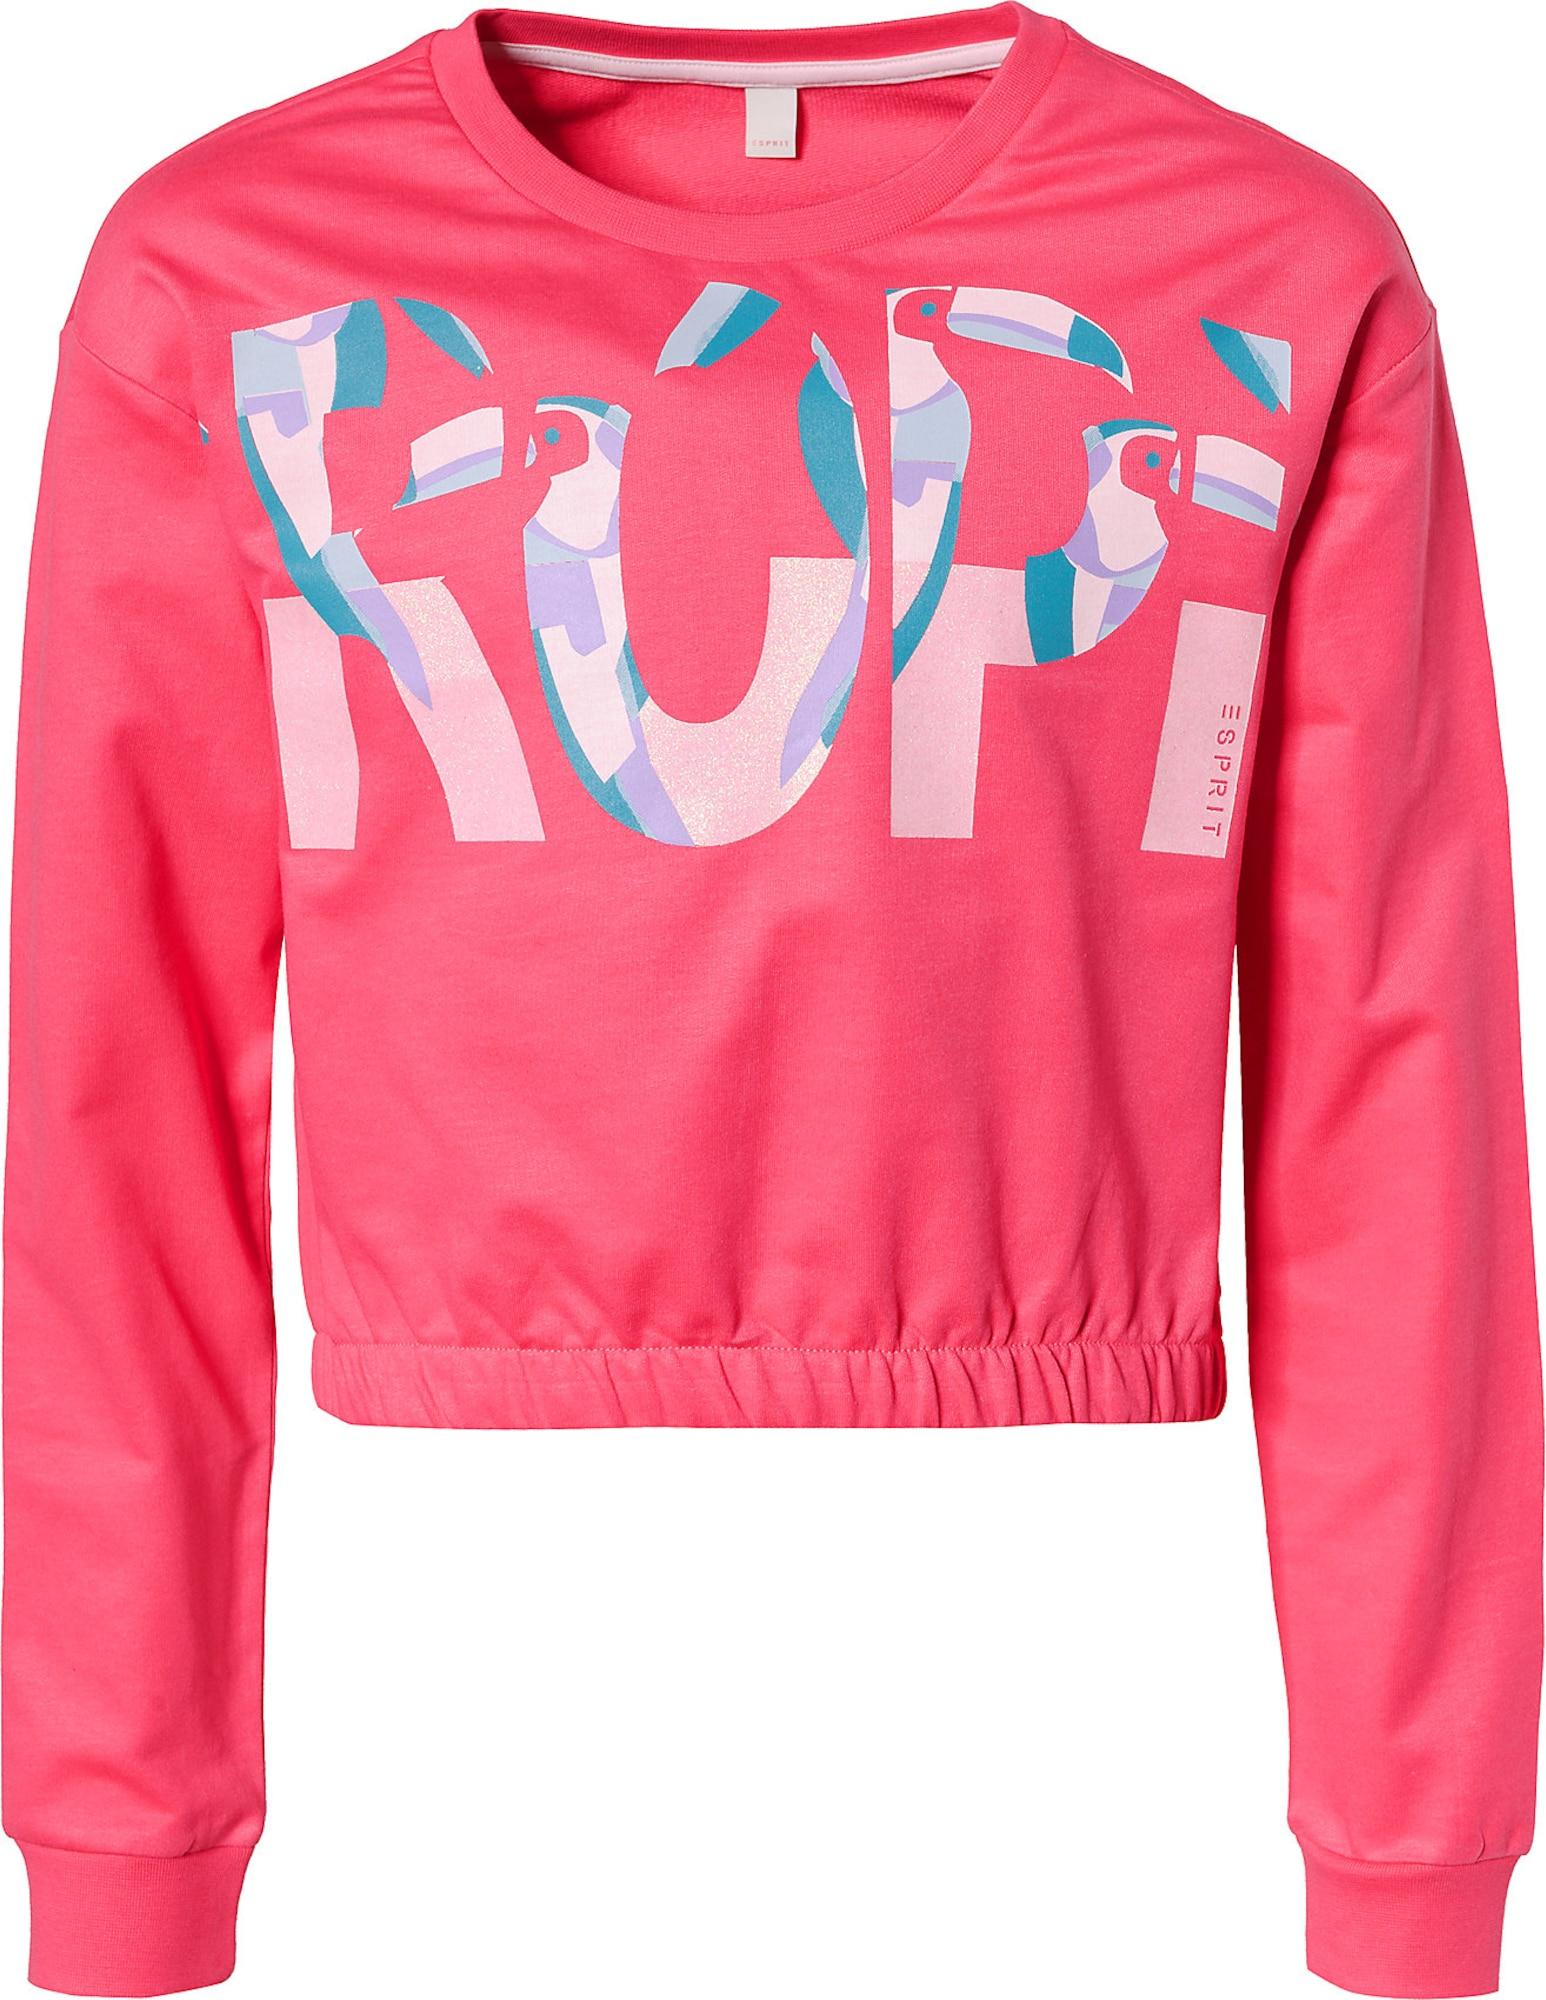 Kinder,  Mädchen,  Kinder Esprit Sweatshirt blau, braun, grau,  grün, indigo, pink, weiß | 03663760940299